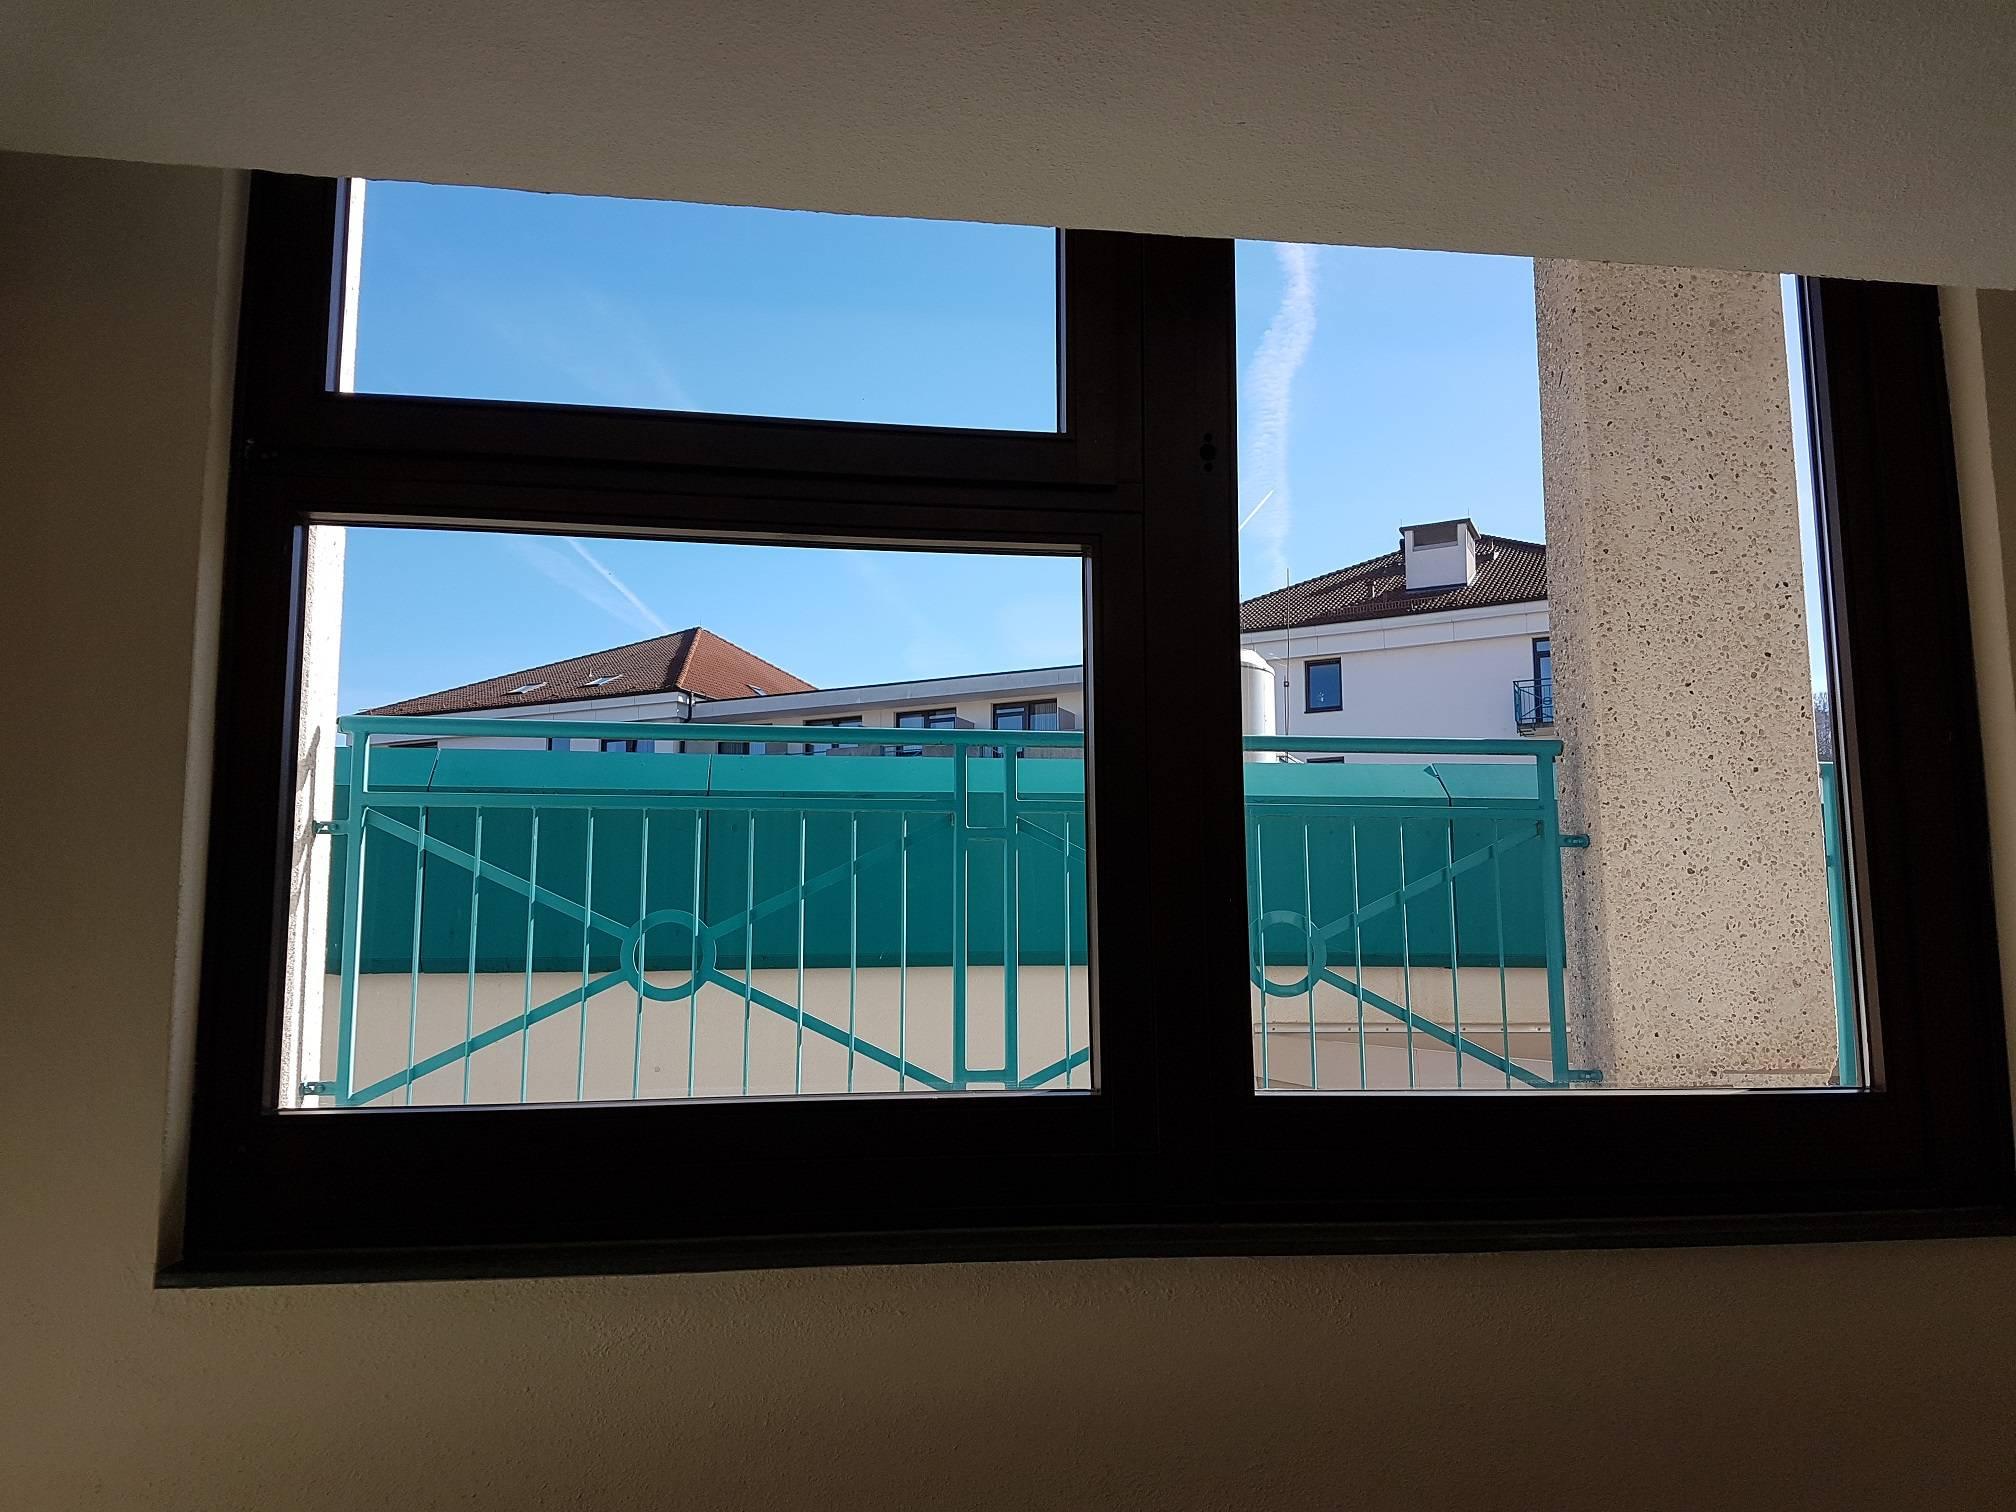 Где я провёл месяц или реабилитационная клиника в Bad Liebenstein, Германия.